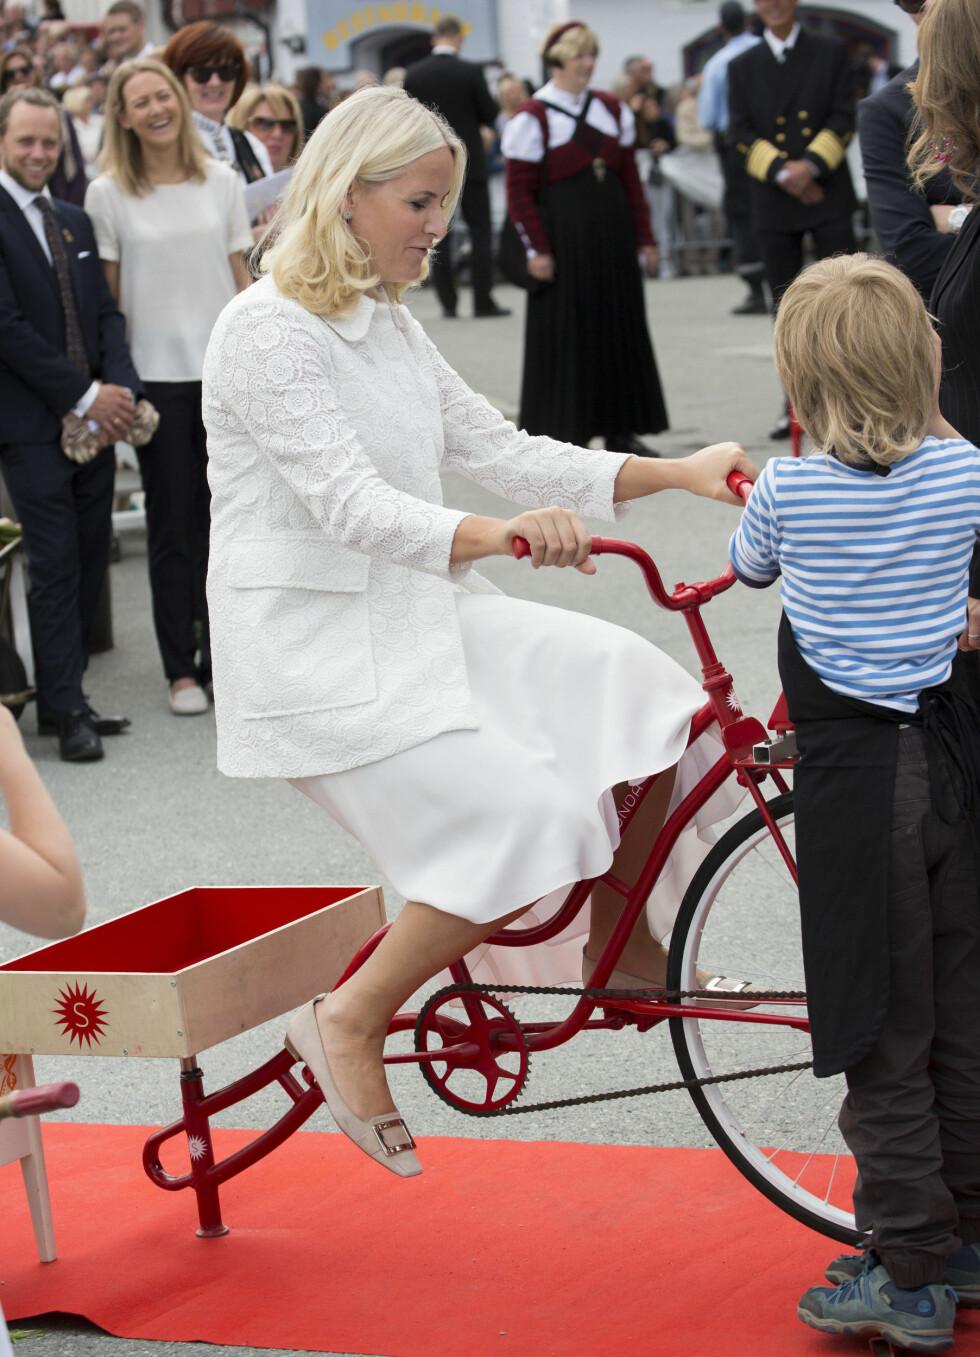 SPORTY PRINSESSE: Kronprinsesse Mette-Marit tråkket til på «smoothie-sykkelen» i Ravnkloa i Trondheim torsdag formiddag, selv om hun var iført finstasen. Foto: Danapress